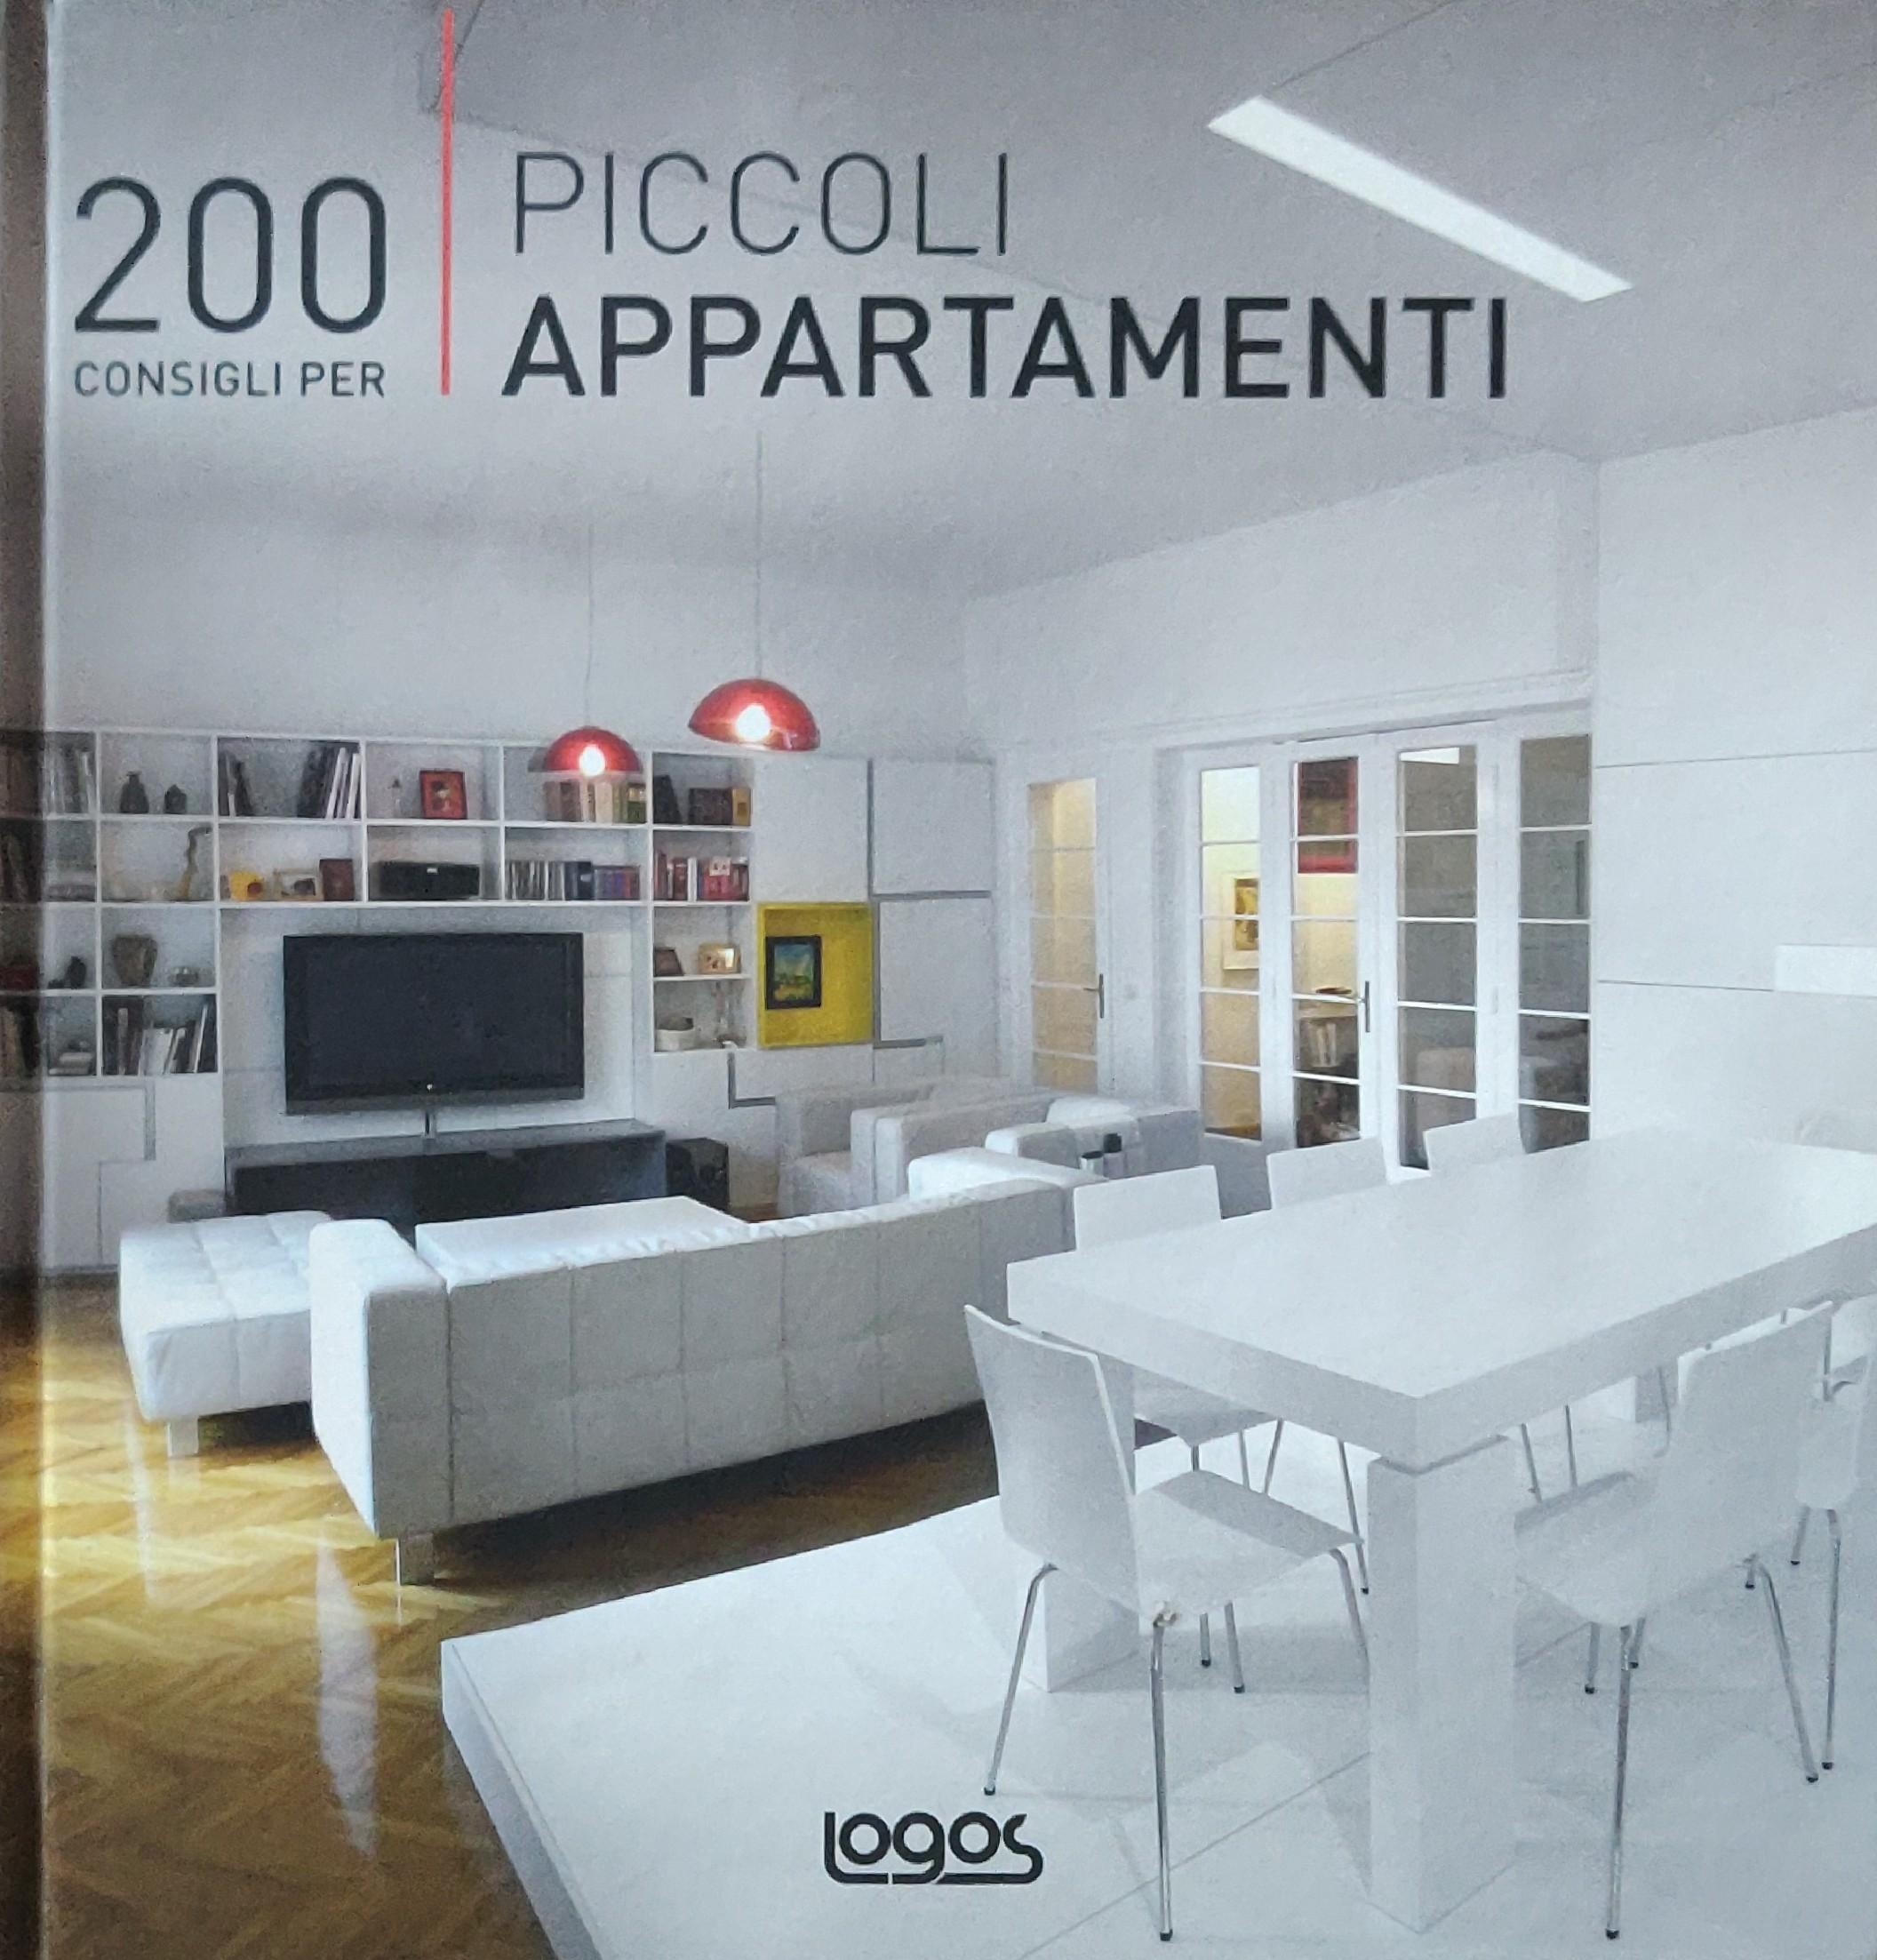 200 consigli per piccoli appartamenti